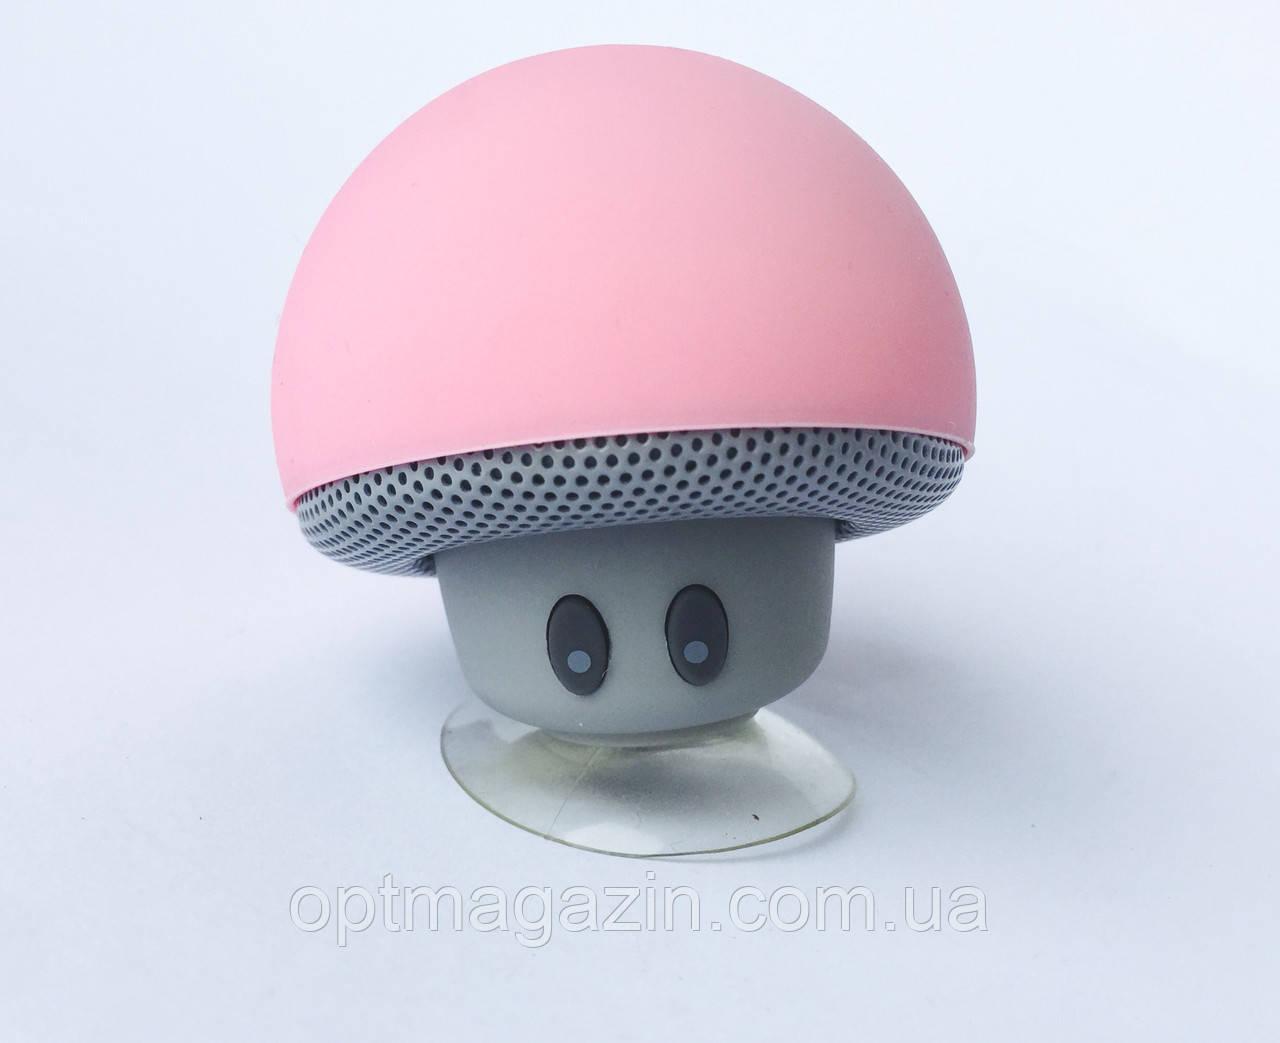 Міні-колонка Гриб 3Вт Bluetooth 4.1 з мікрофоном на присоску Чорний